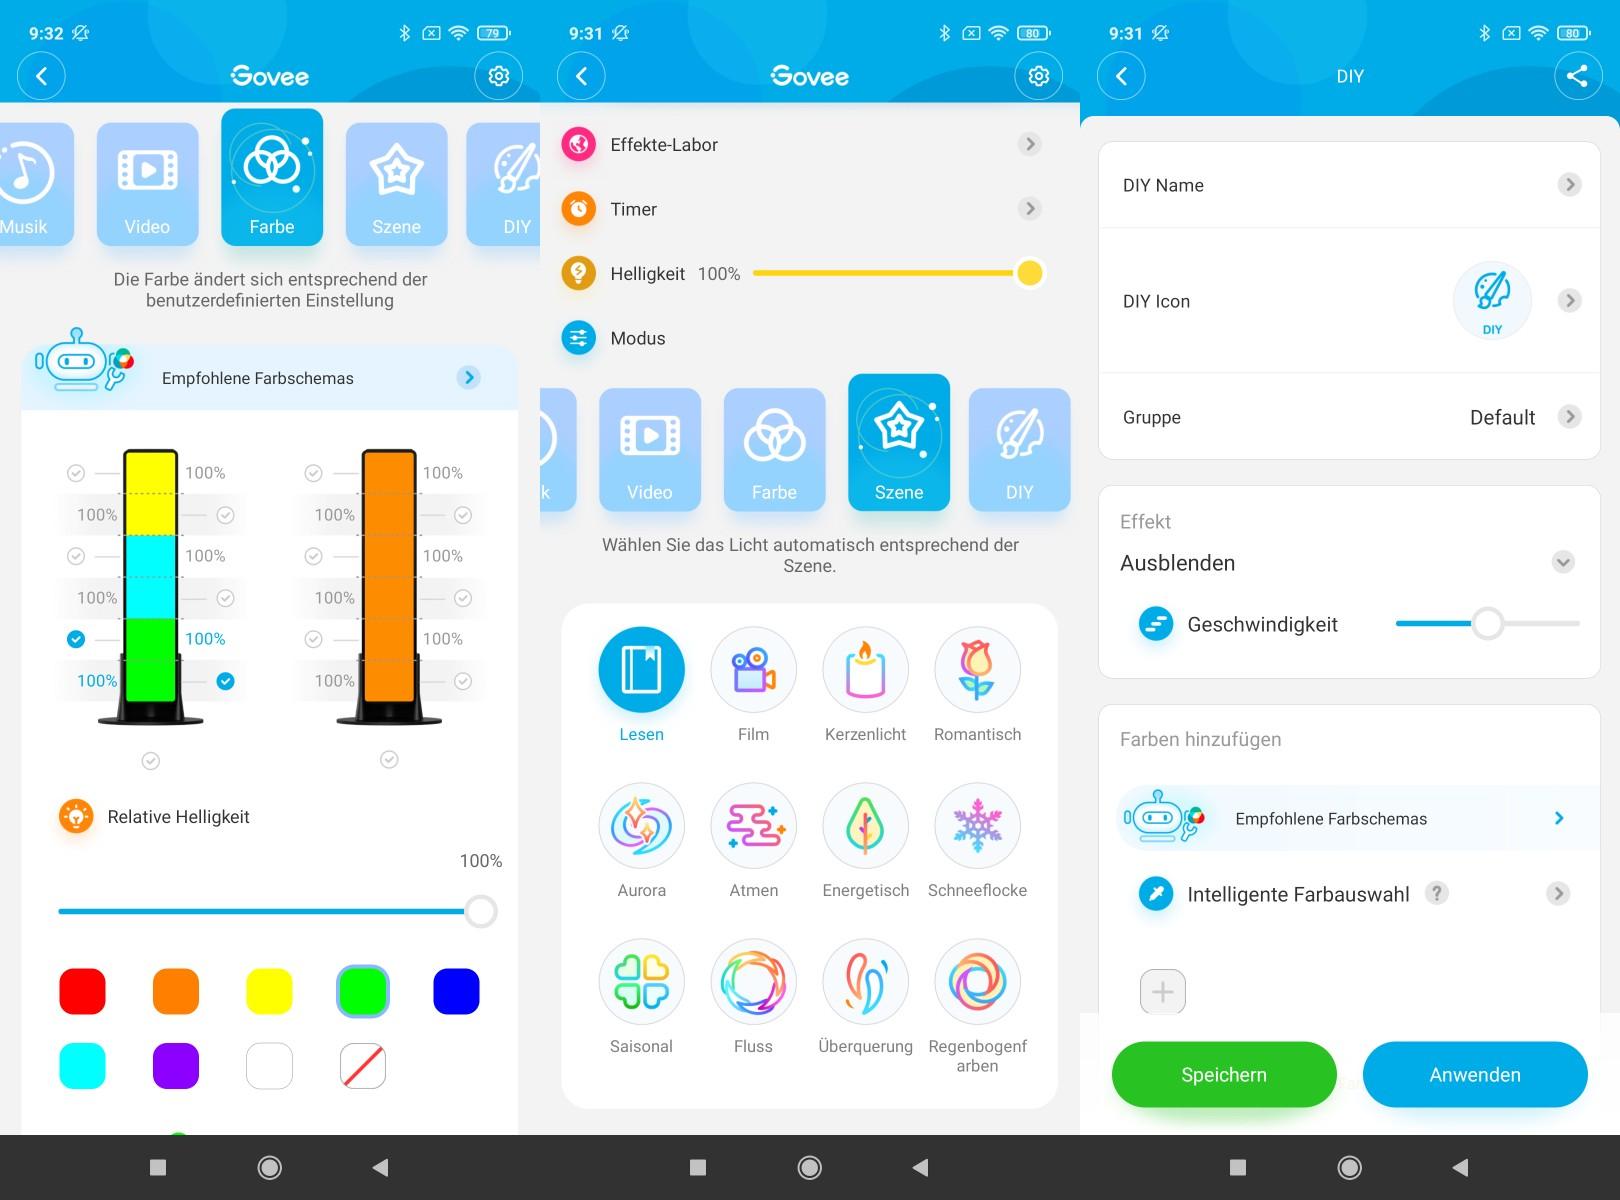 Govee Home App Modes